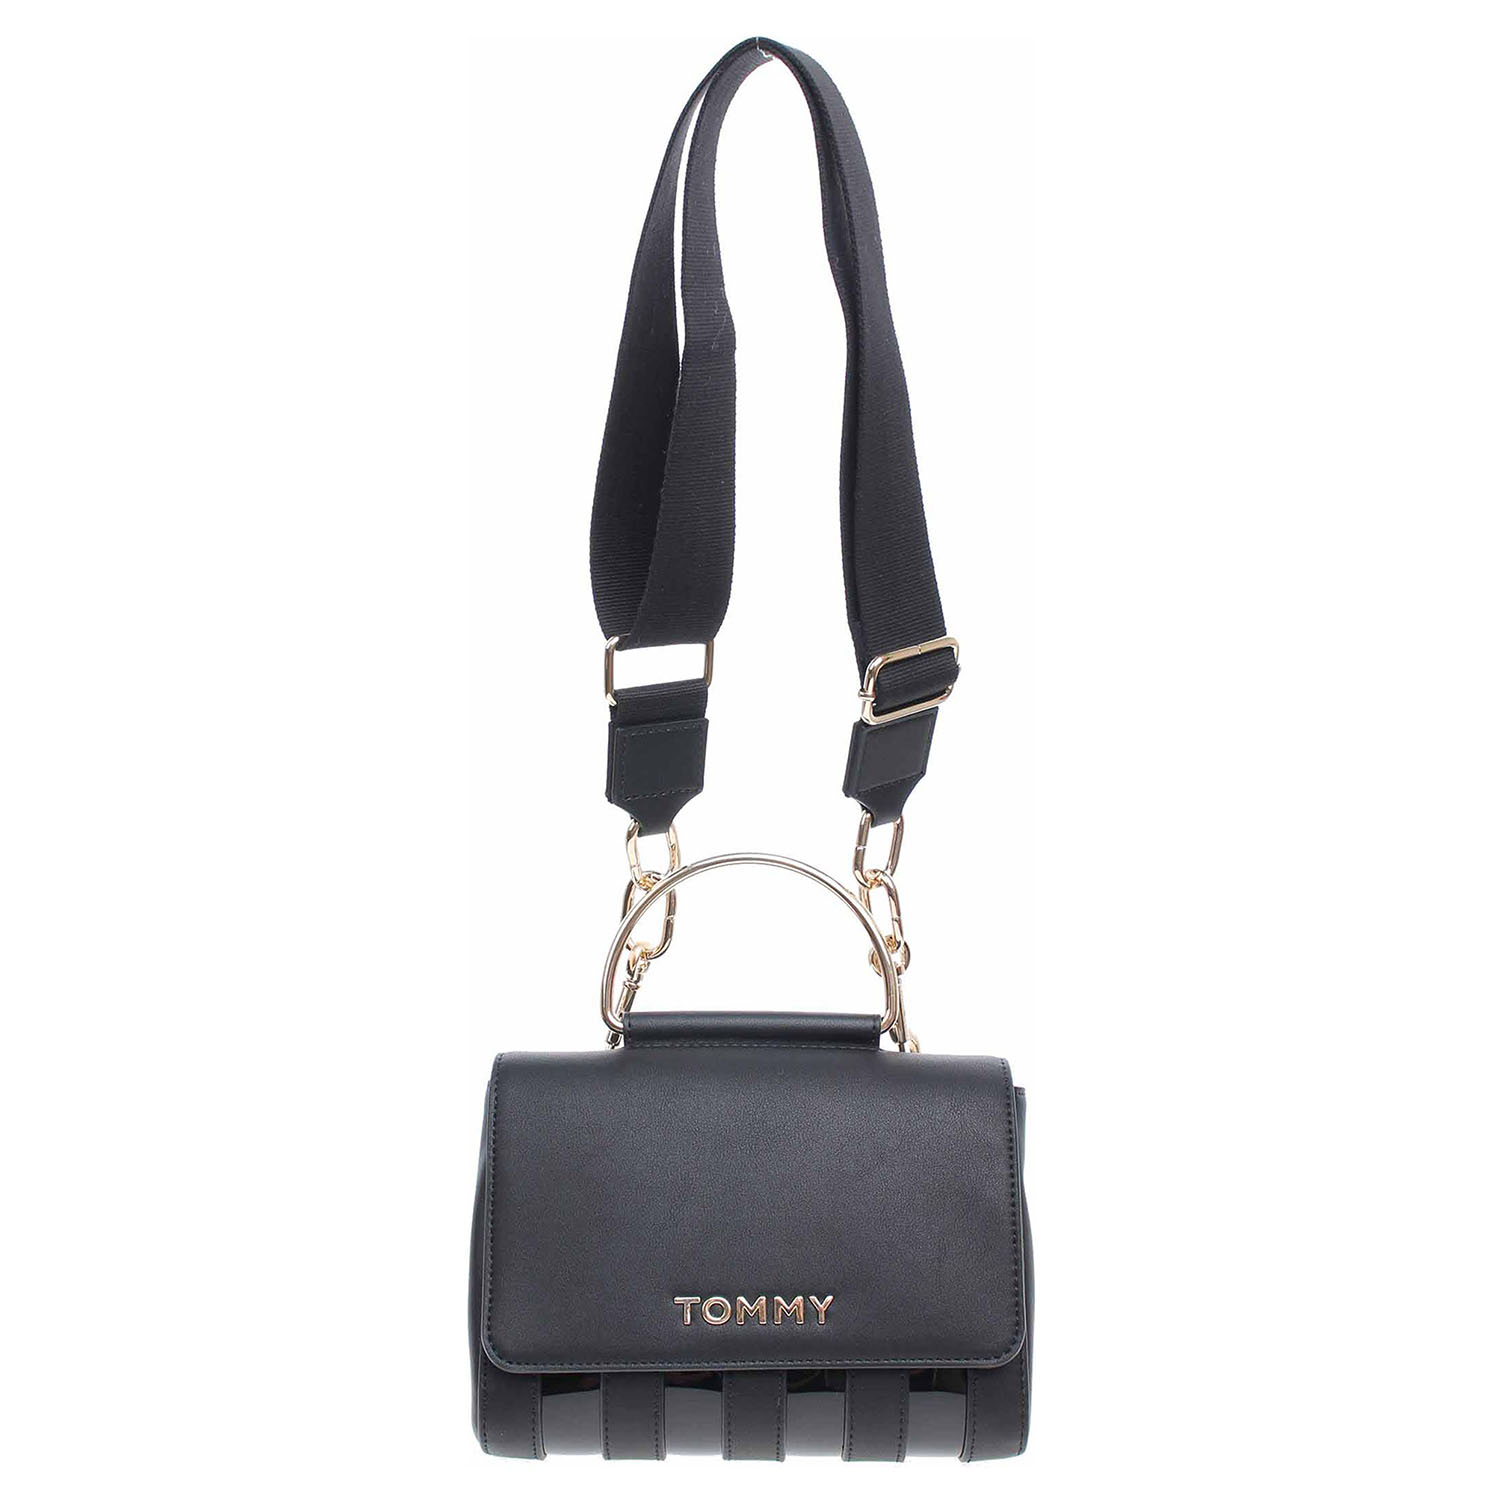 Tommy Hilfiger dámská kabelka AW0AW07482 BDS black AW0AW07482 BDS 1